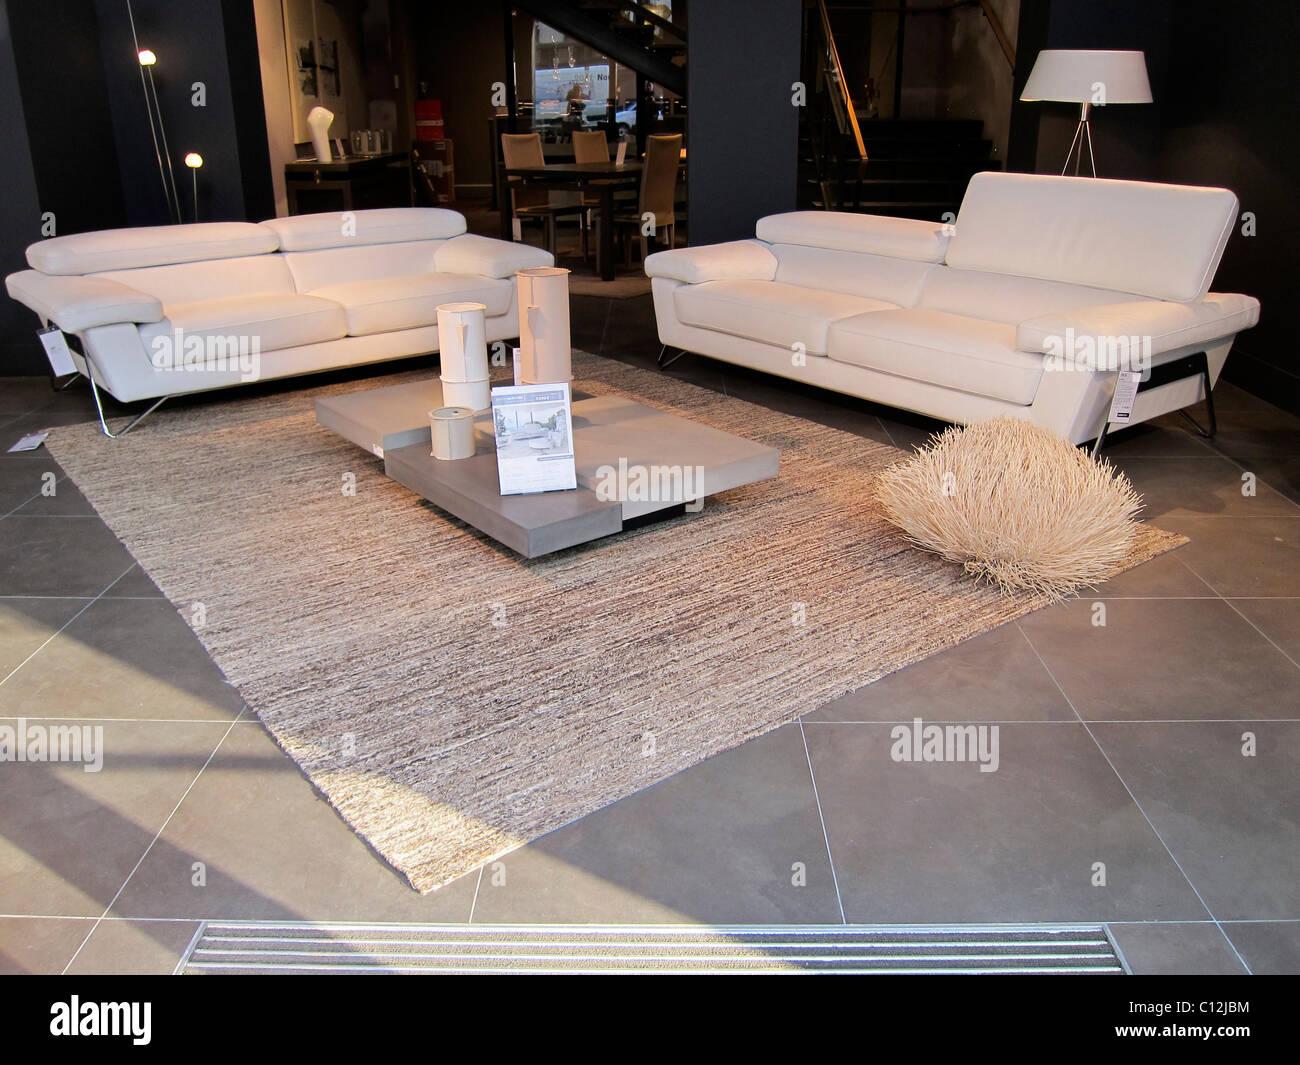 Innenausstattung Inneneinrichtung Wohnzimmer Modern Niemand Sofa ...